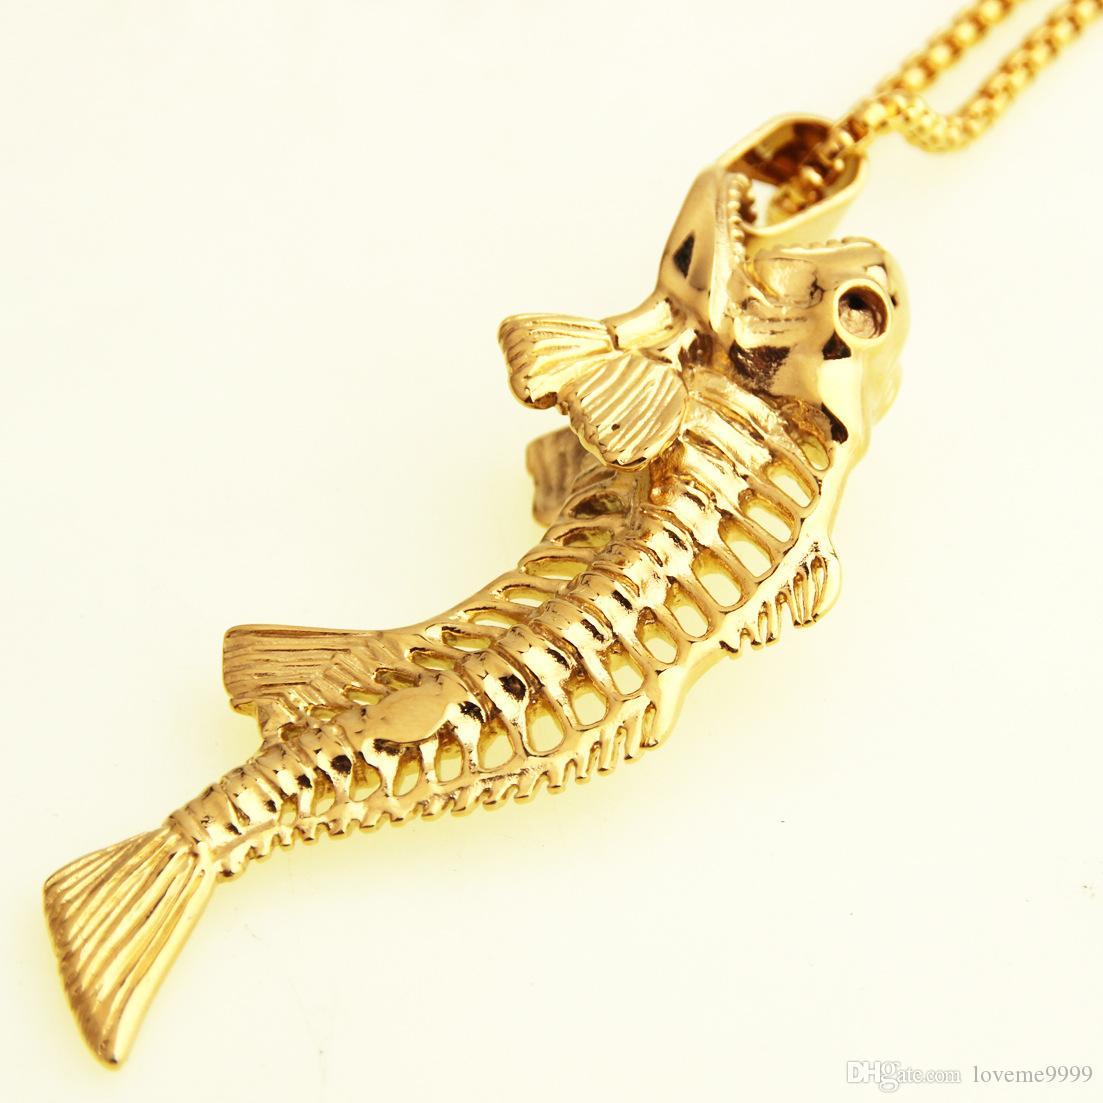 Хип-хоп рыбья кость рыболовный крючок кулон ожерелья панк-стиль мужчины нержавеющая сталь 316L коробка цепи 2 цвета личности ювелирные изделия